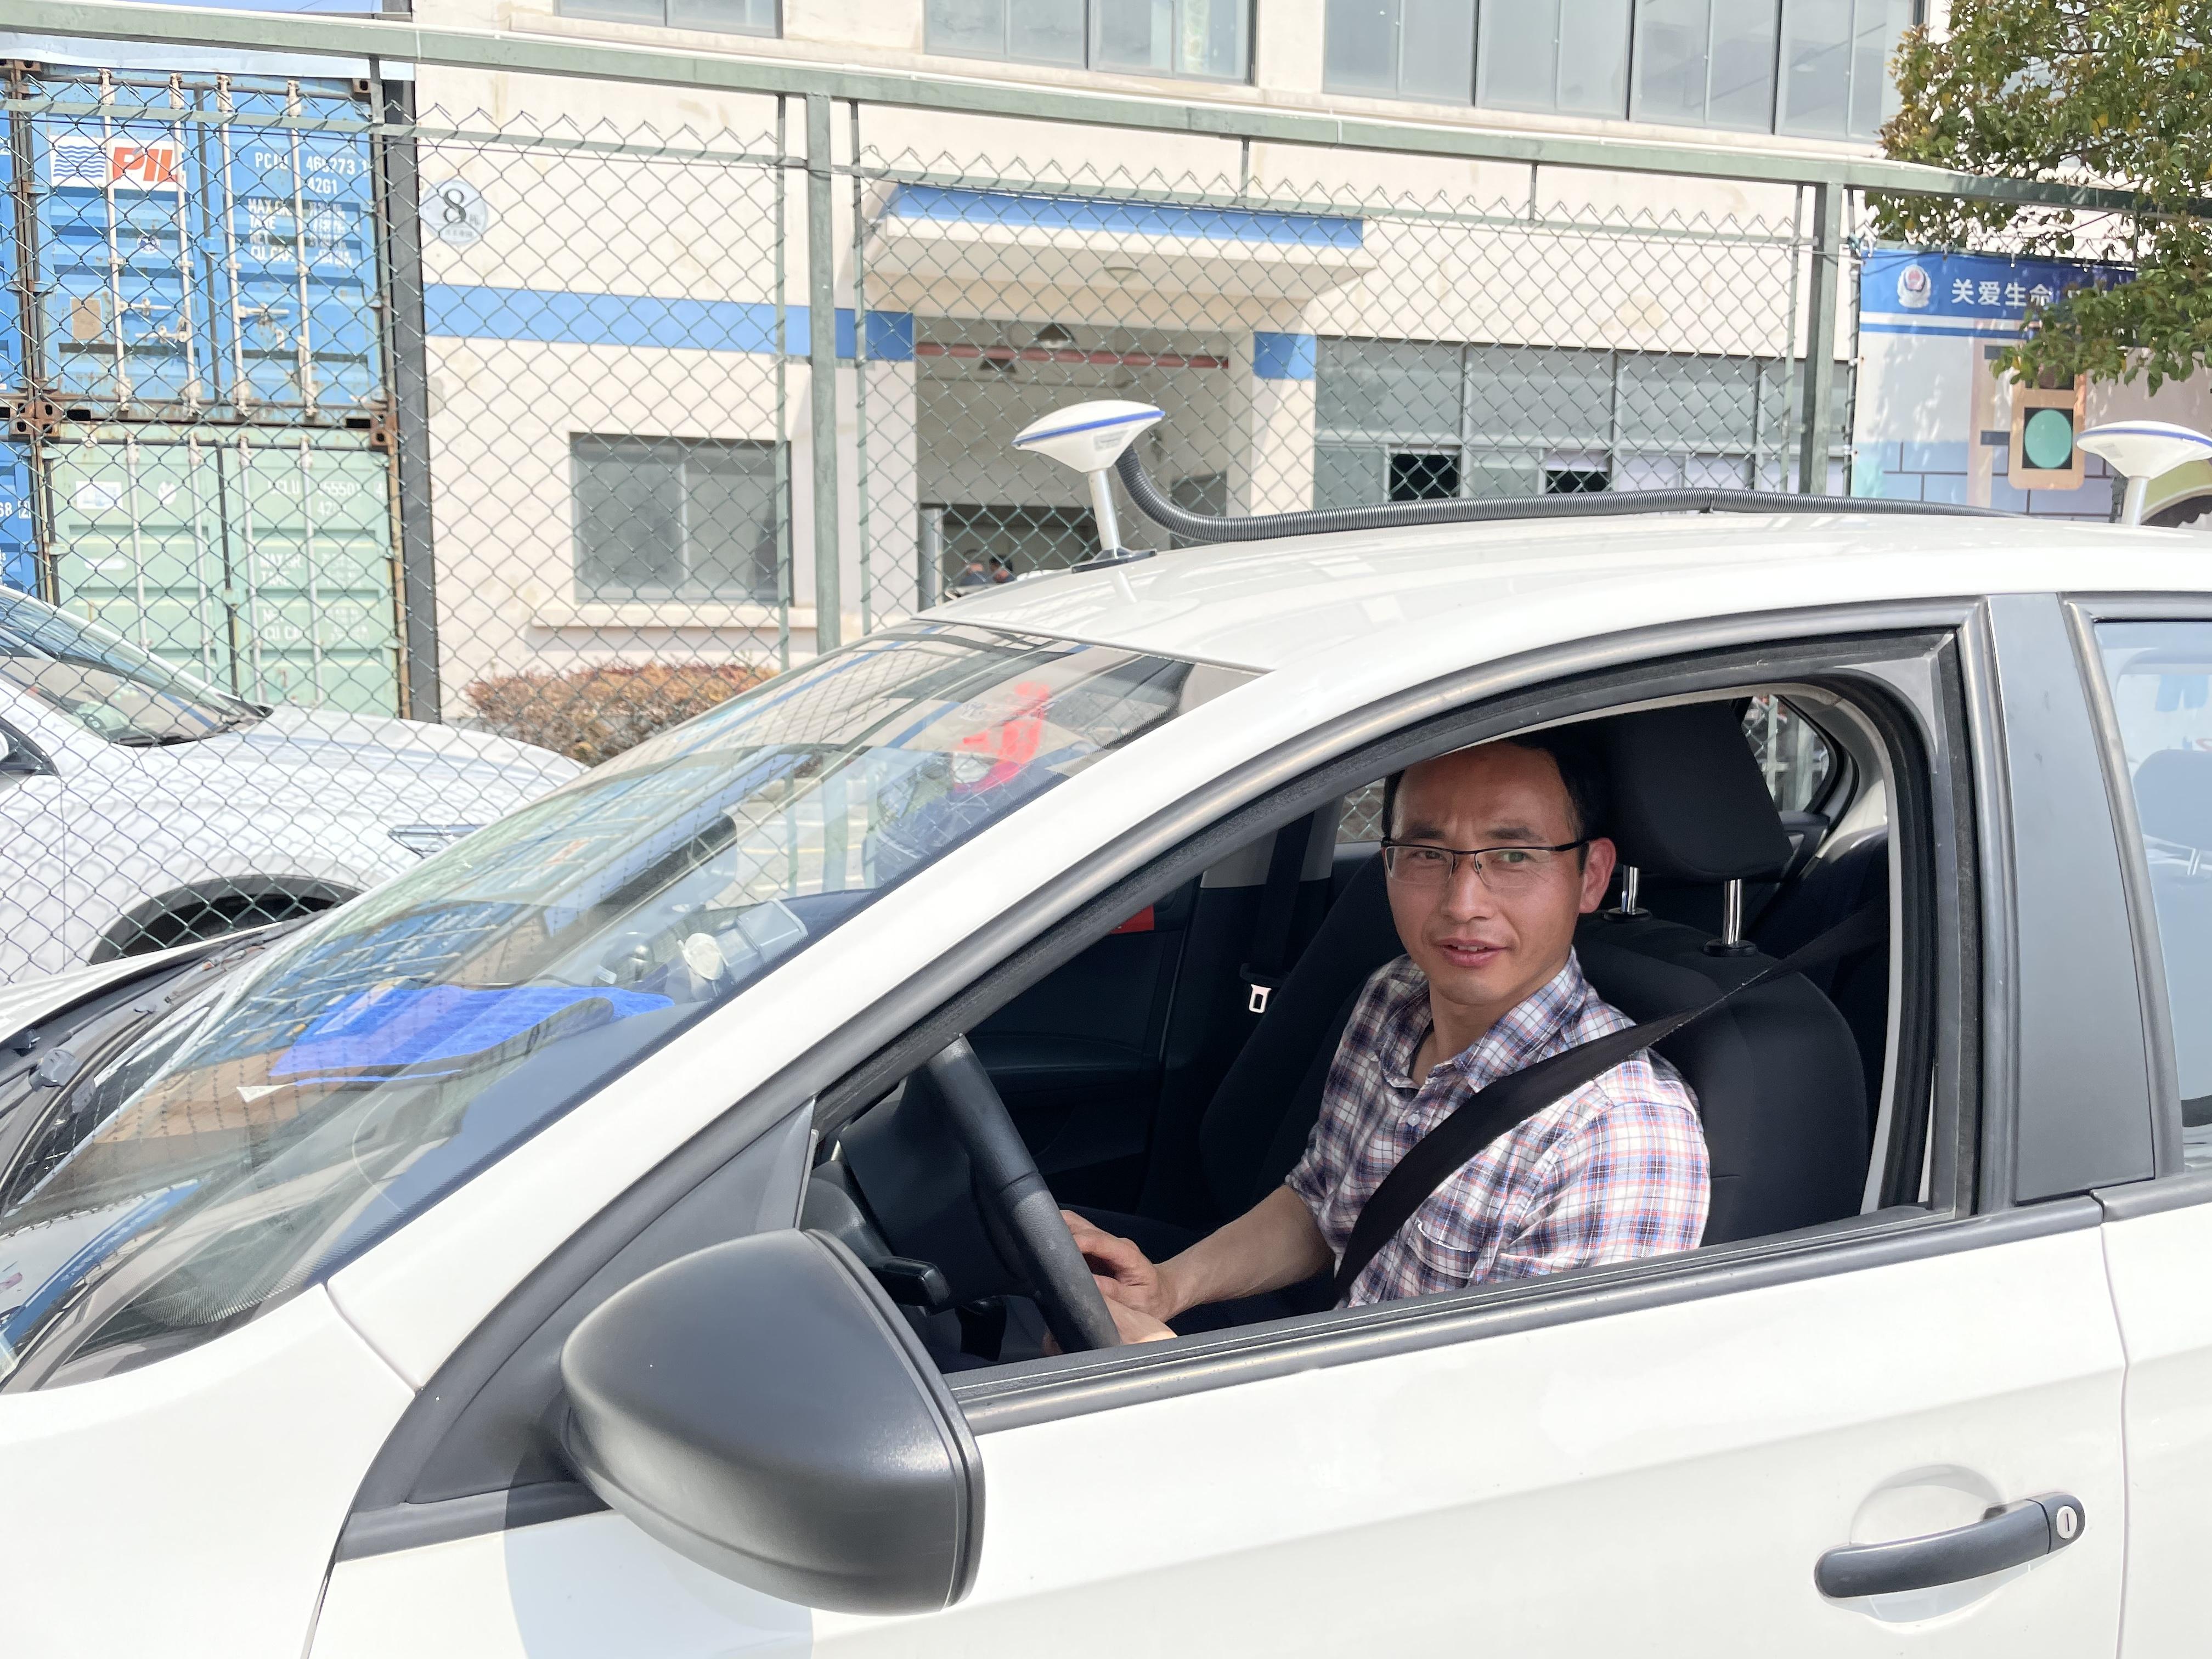 车顶则安装了高精度GPS定位仪,实时监测教练车位置。